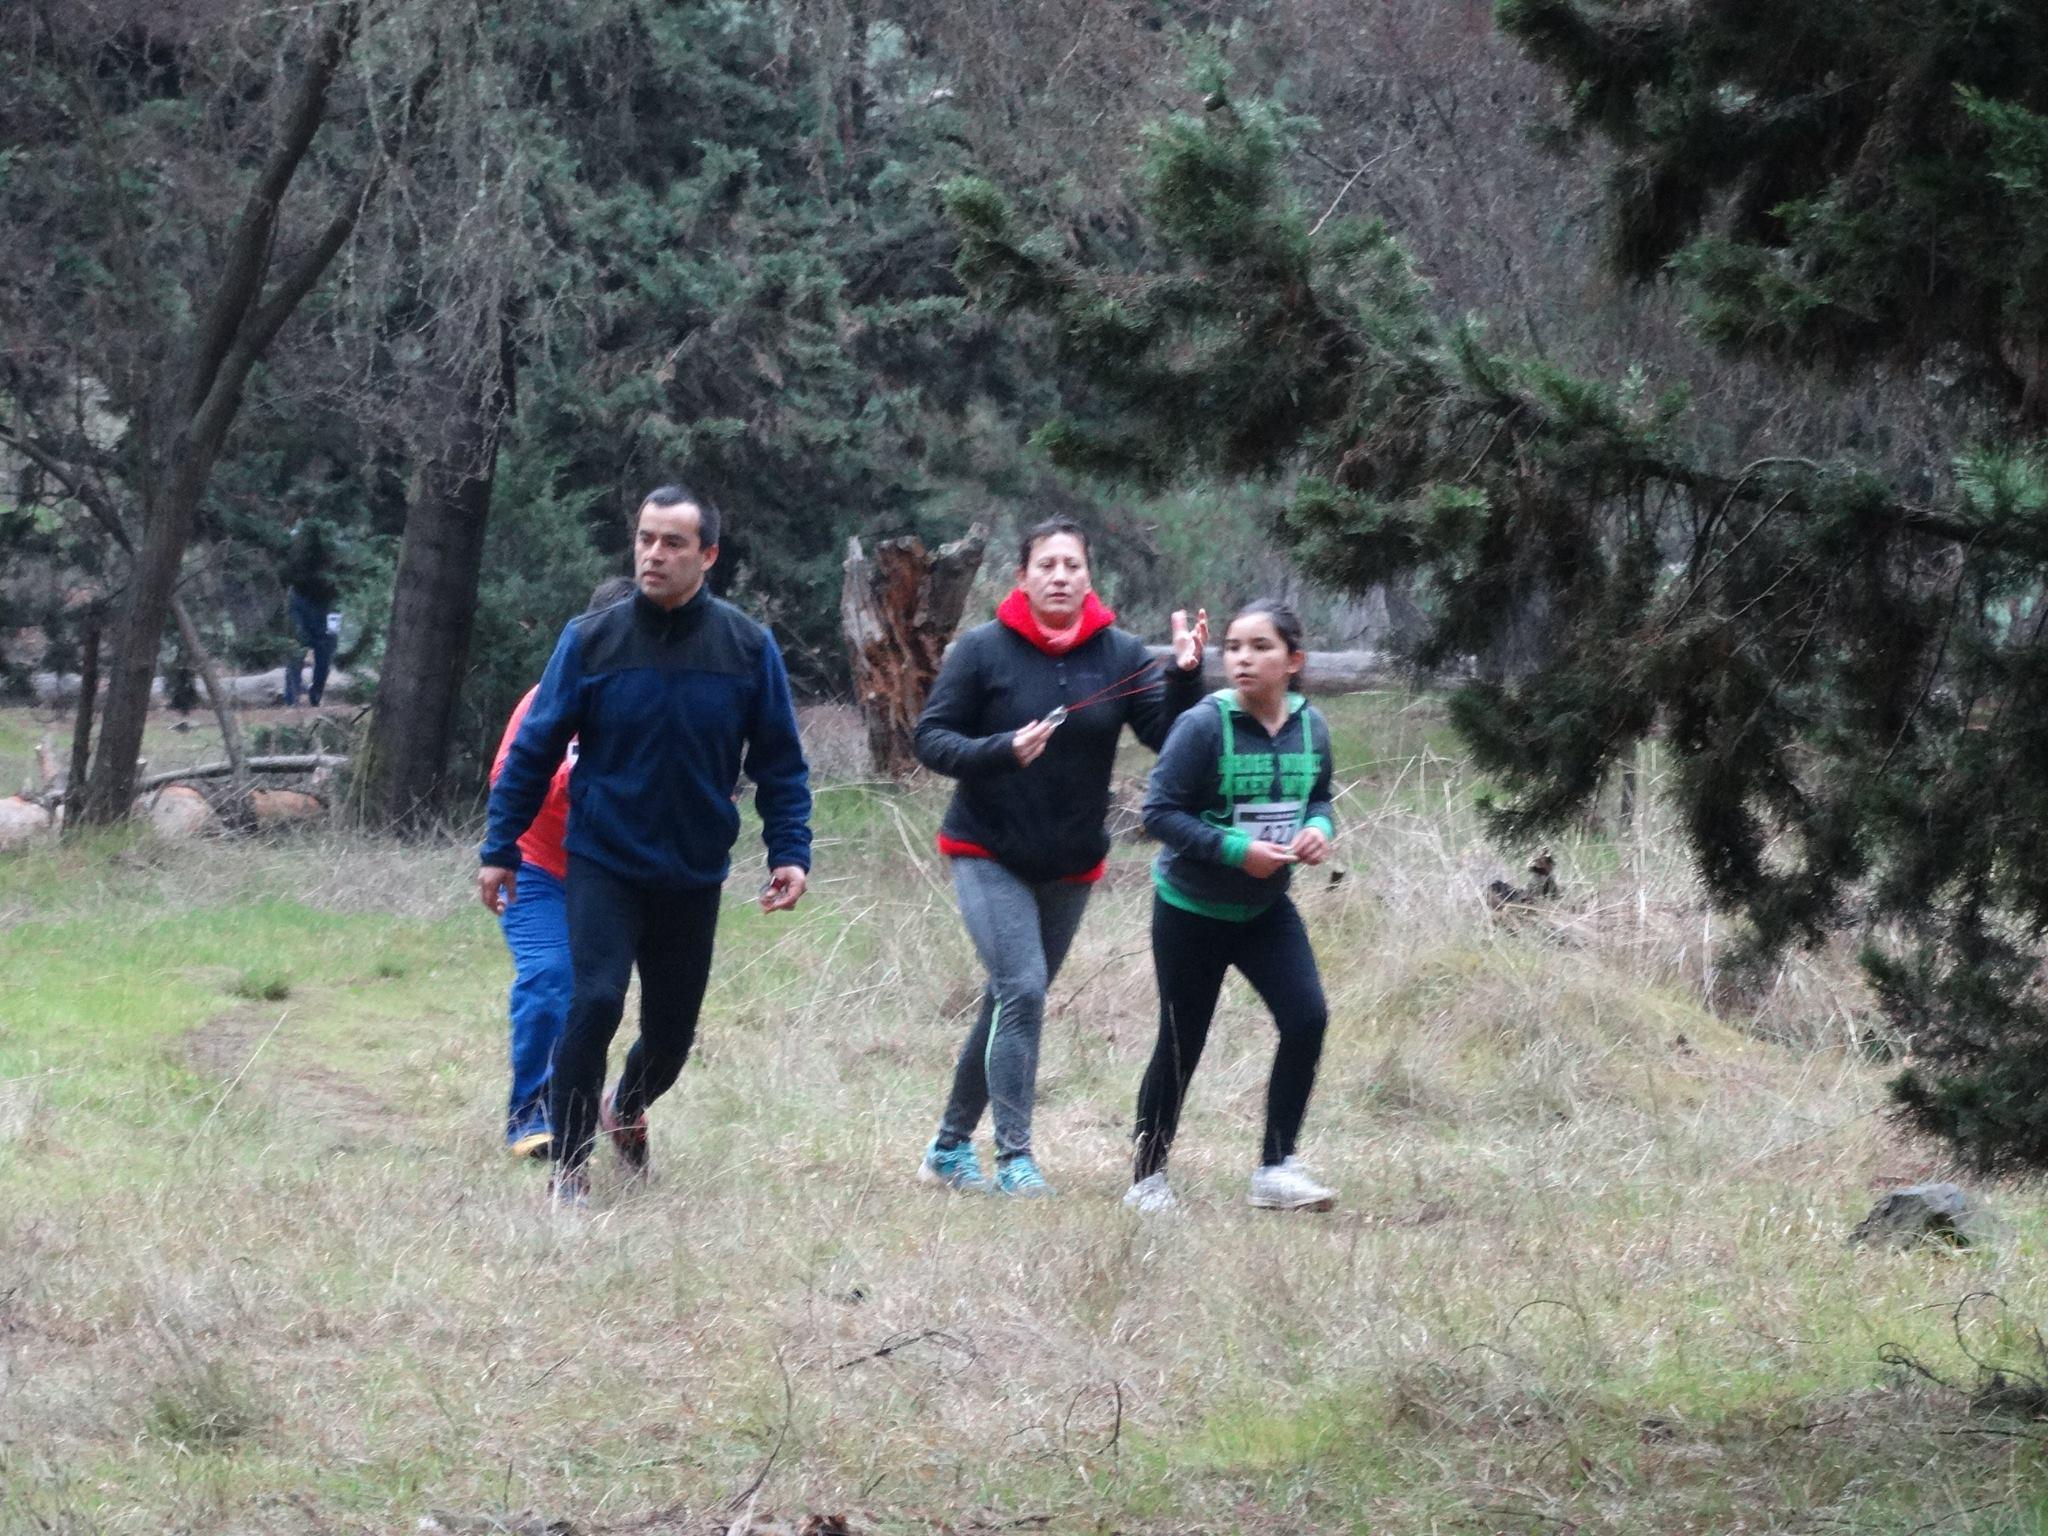 Experto invita a disfrutar de las vacaciones de invierno sin olvidarnos de la actividad física